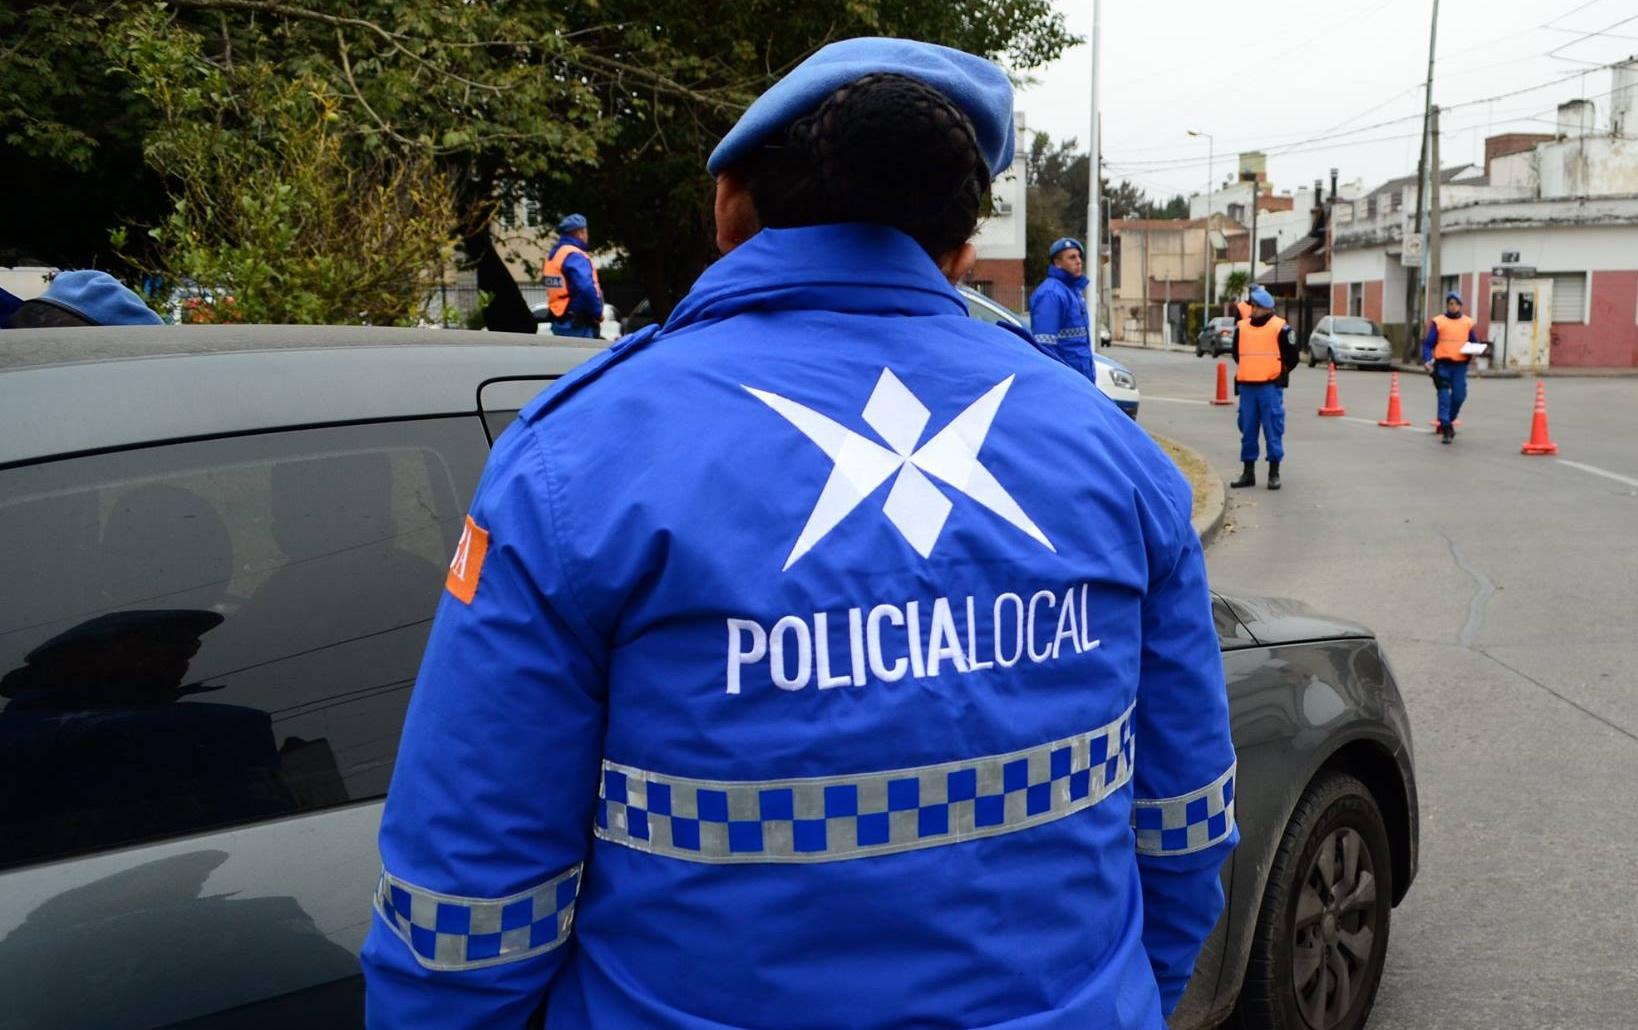 La Policía Local está en funcionamiento desde diciembre en Pergamino. Su titular, Javier Villalba, cuenta los avances en la fuerza